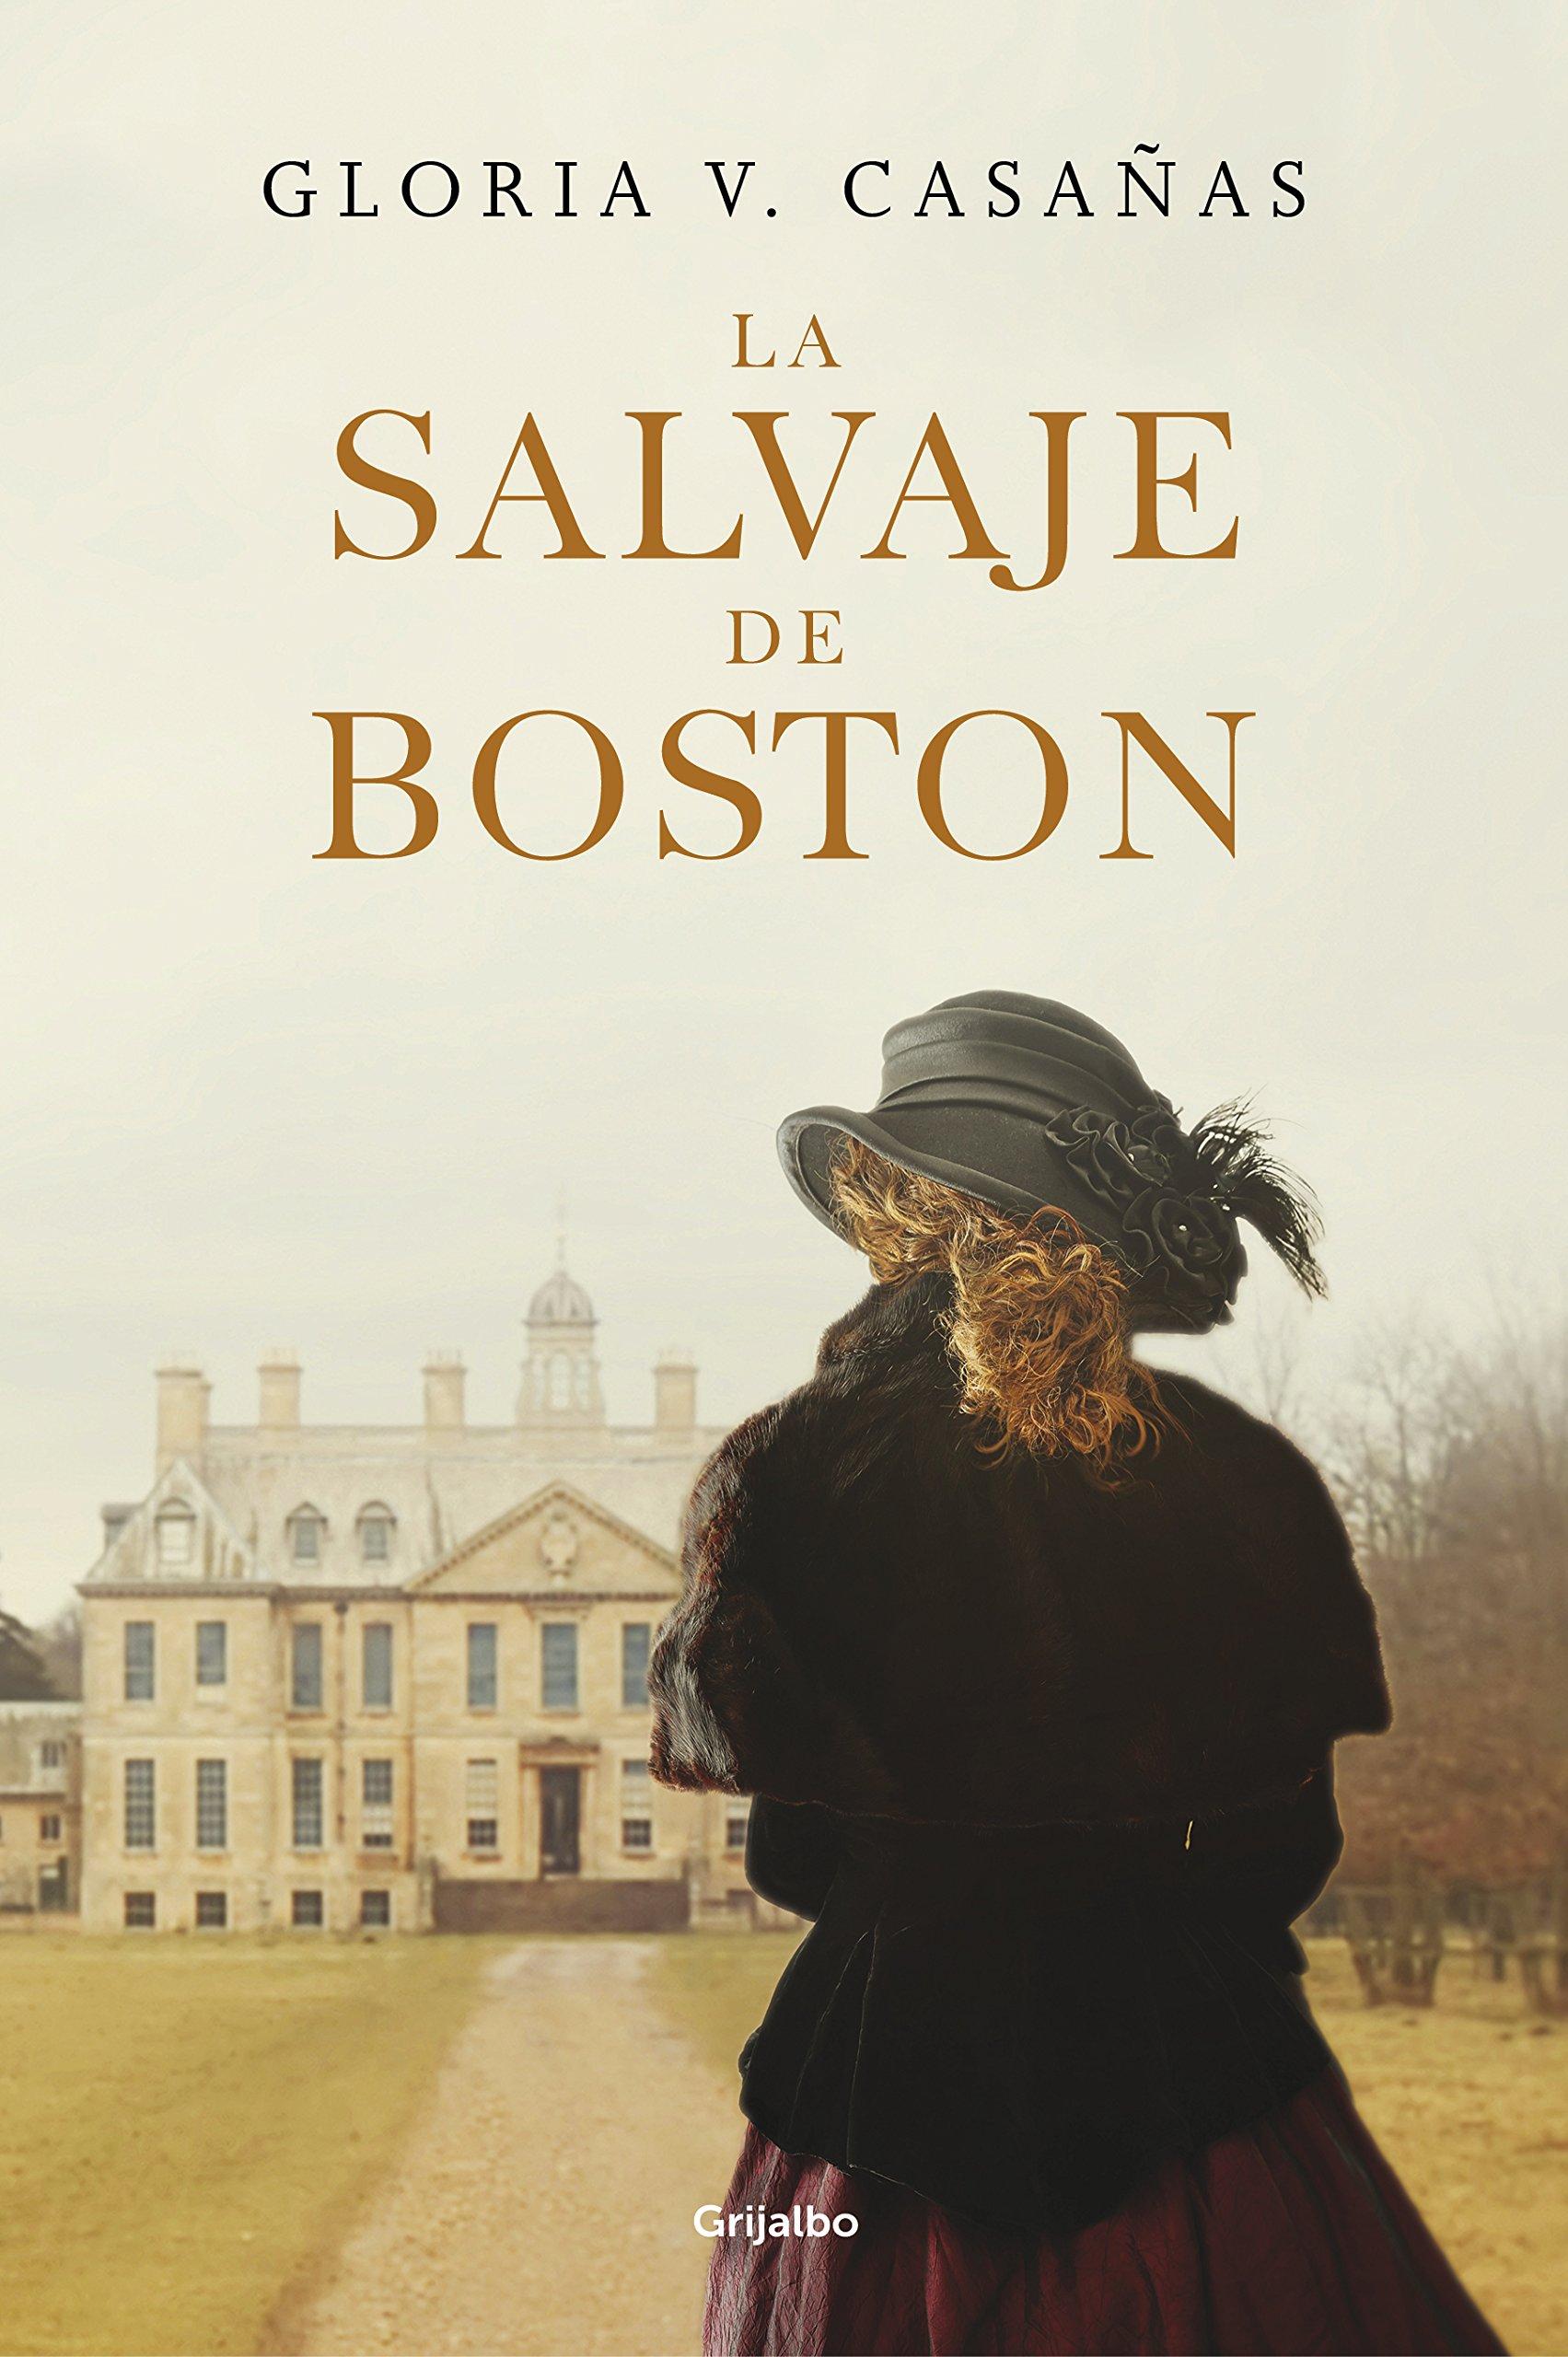 La salvaje de Boston (Novela histórica): Amazon.es: Casañas ...